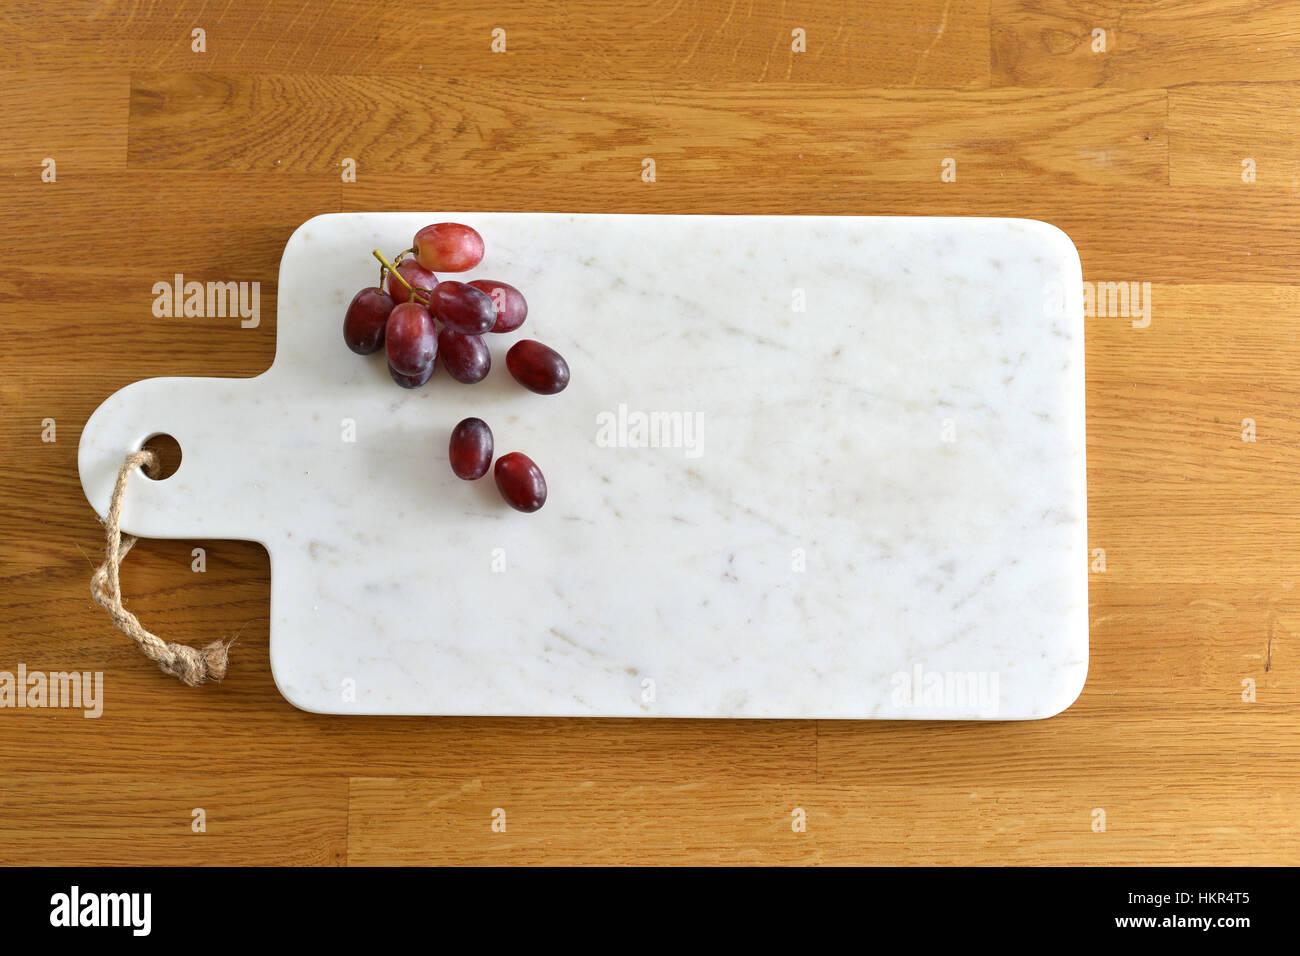 Plateau de fromage en marbre blanc dans une cuisine avec du fromage et du raisin Photo Stock